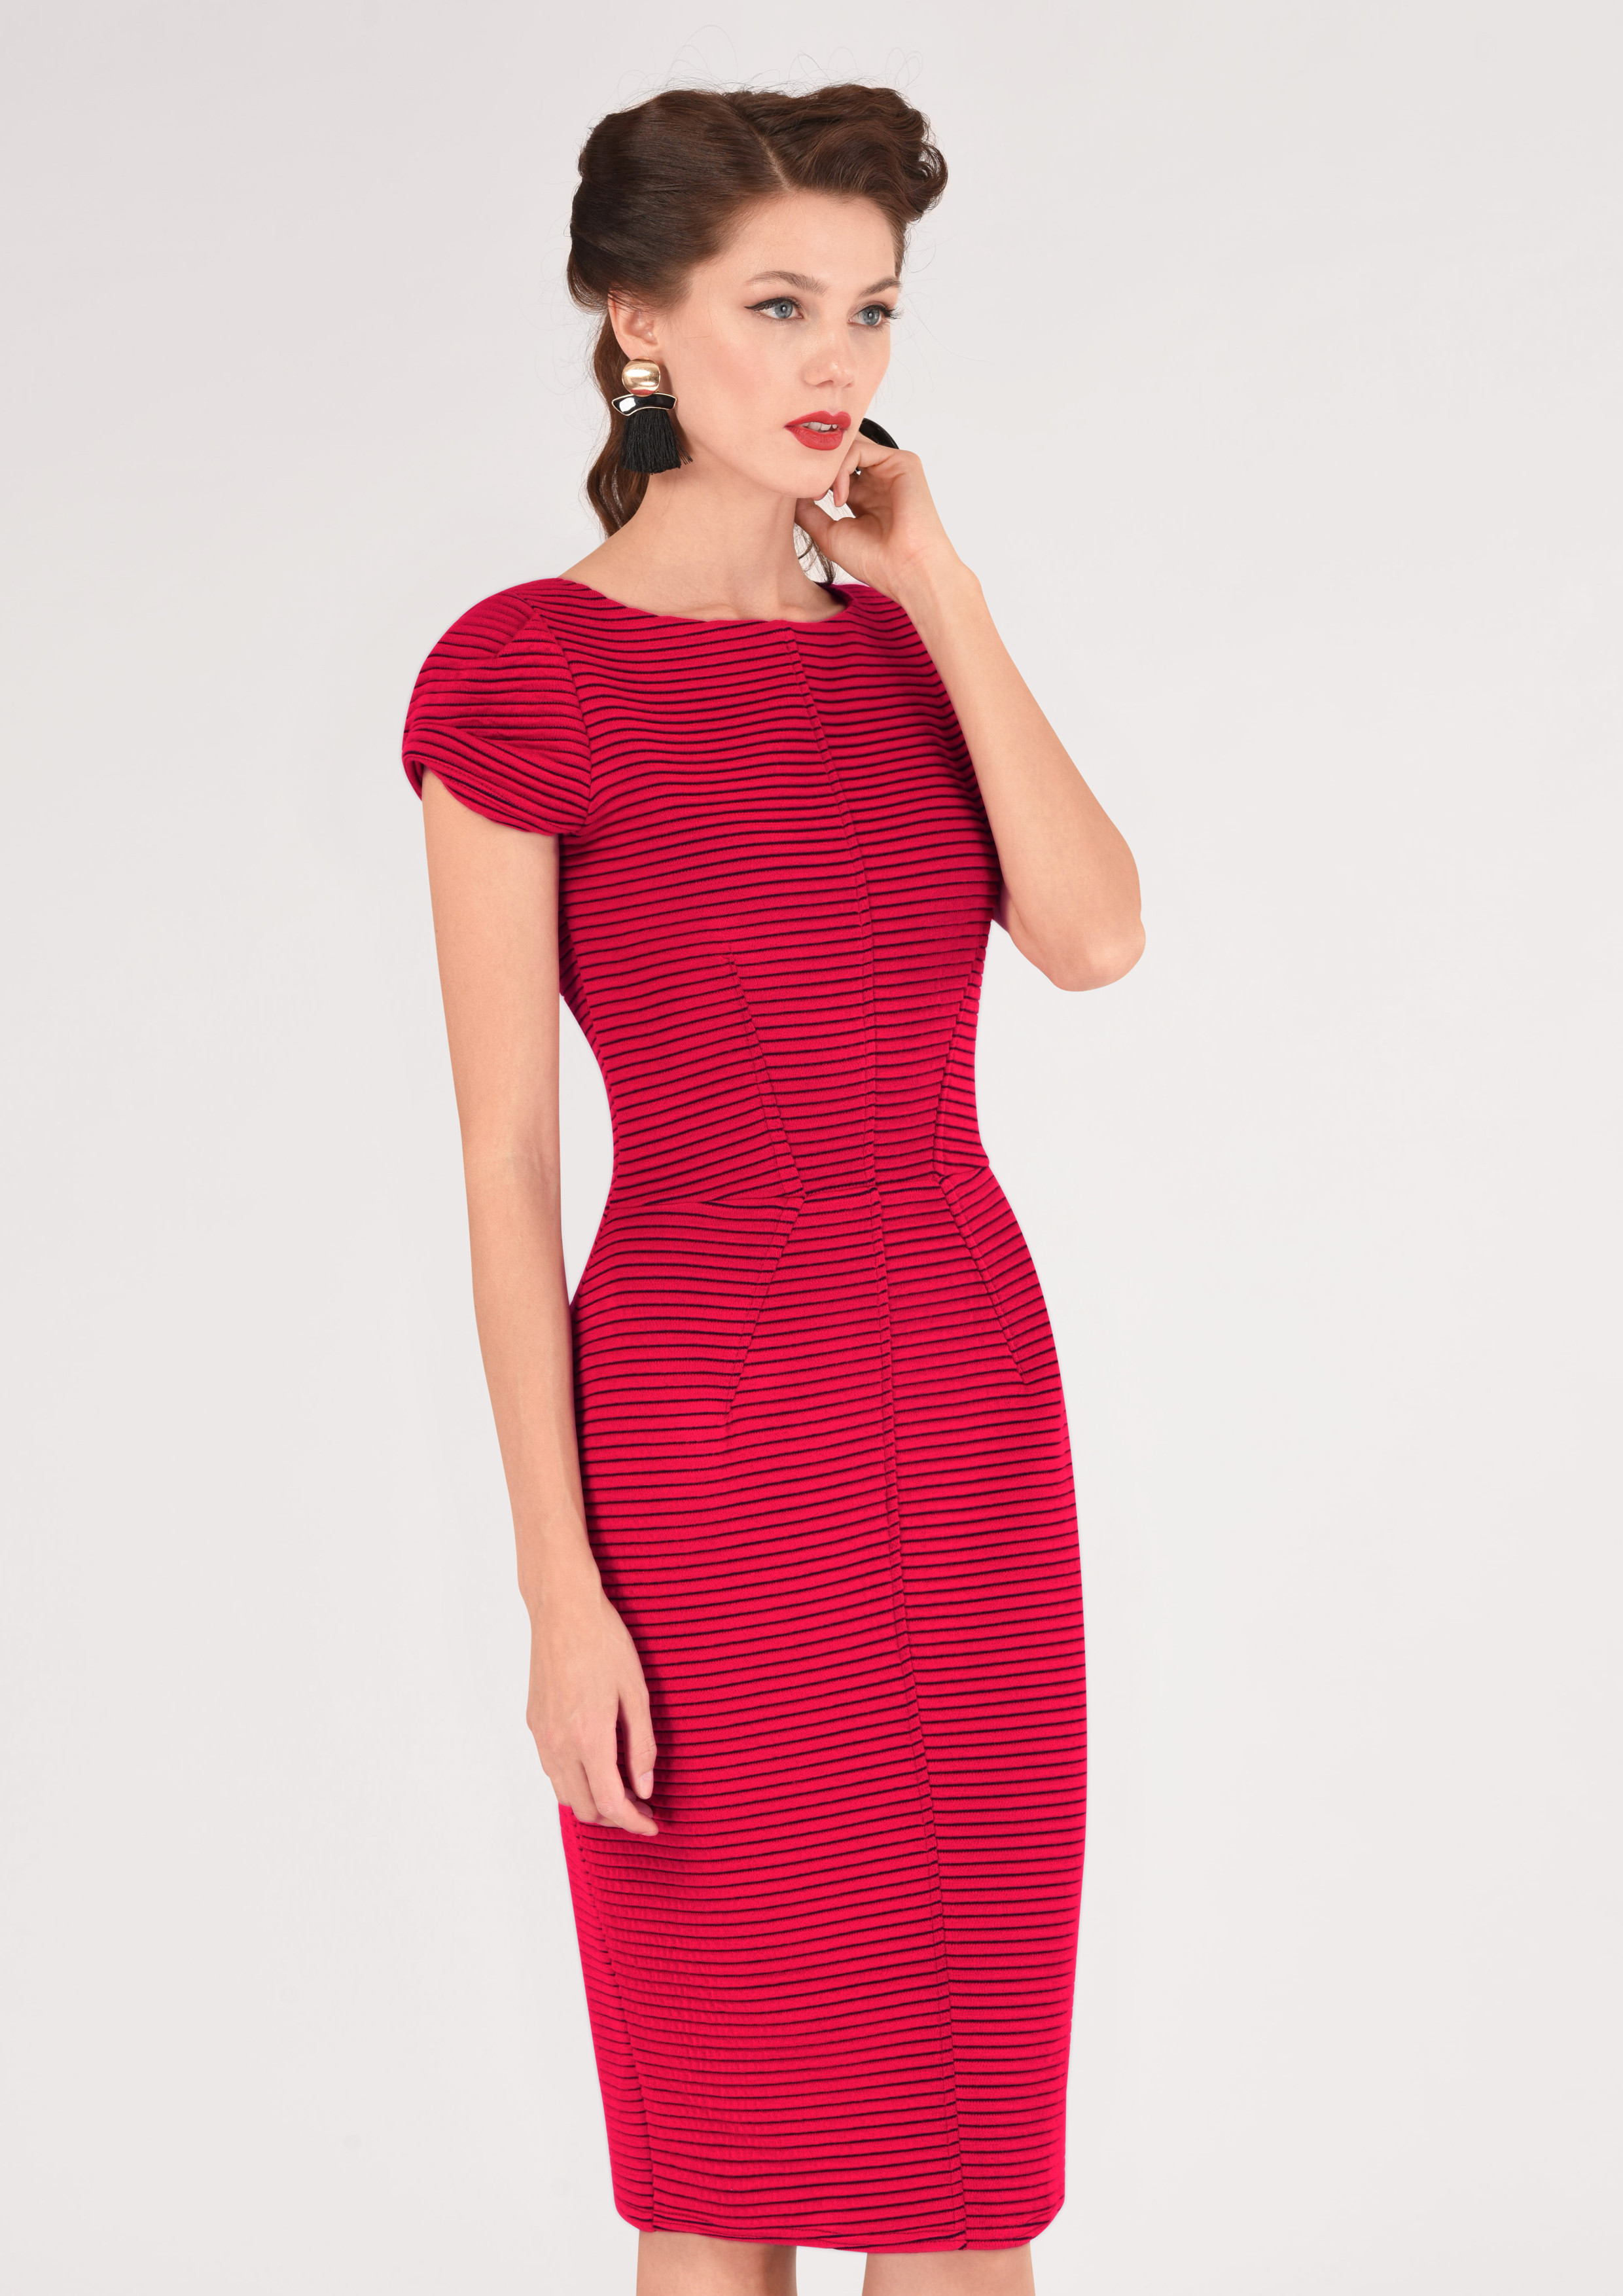 c2414a2cb3bc Closet London Ružové Prúžkované Púzdrové Šaty - JoyStore.sk